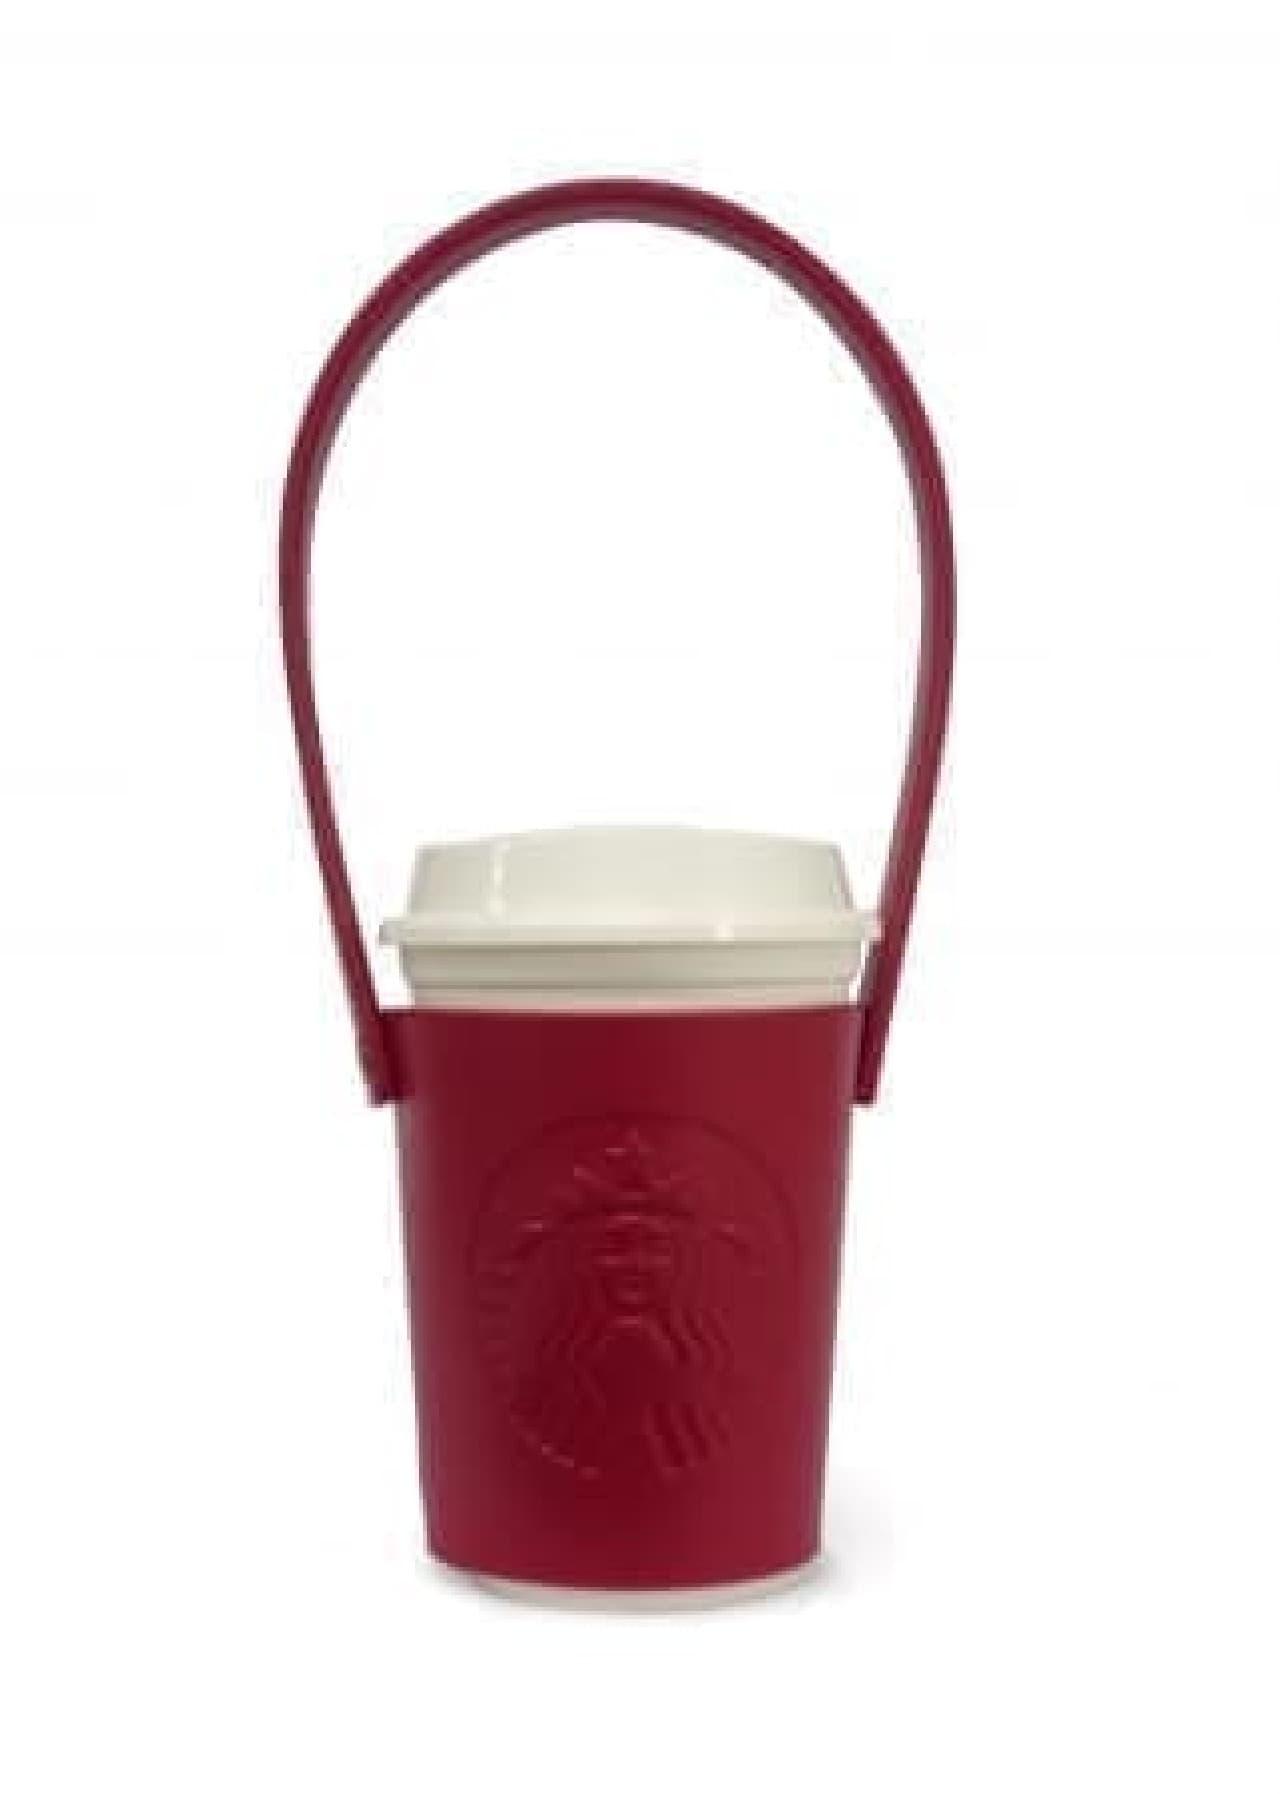 真っ赤で可愛いカップホルダーに注目♪--「スターバックス ホリデー チアー ギフト」は素敵な3点セット